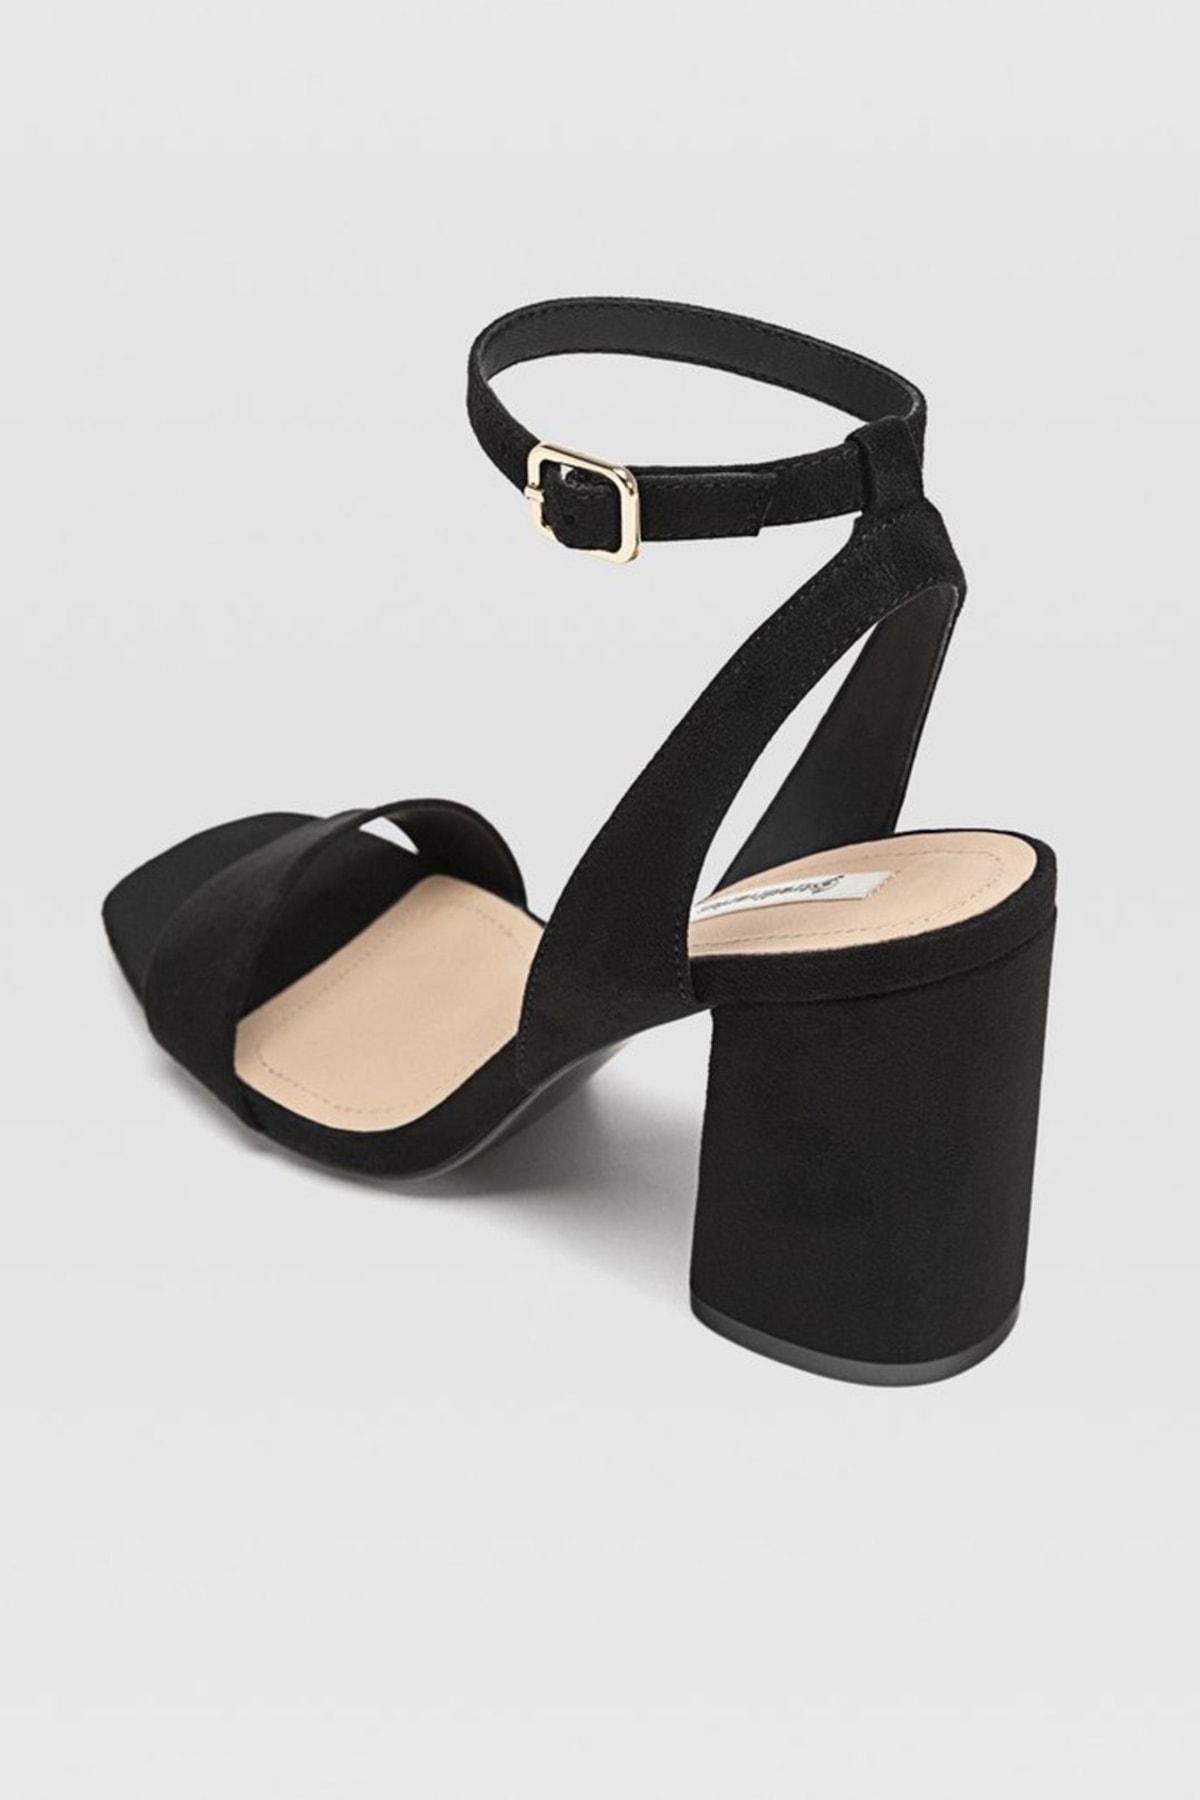 Stradivarius Kadın Siyah Bilekten Bantlı Topuklu Sandalet 19202570 3